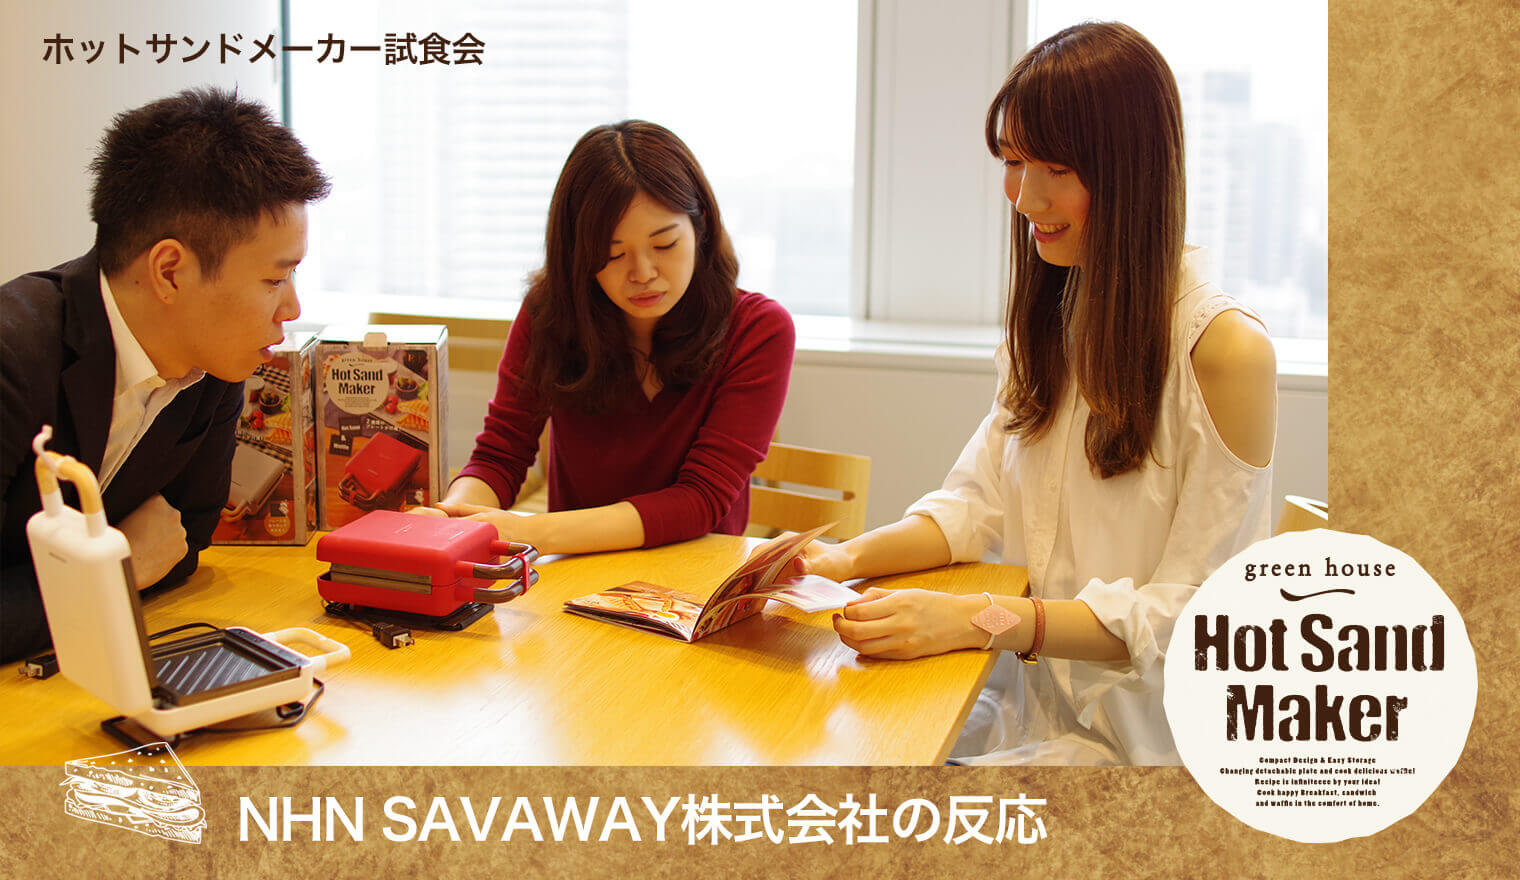 ホットサンドメーカー試食会:<BR>NHN SAVAWAY株式会社の反応